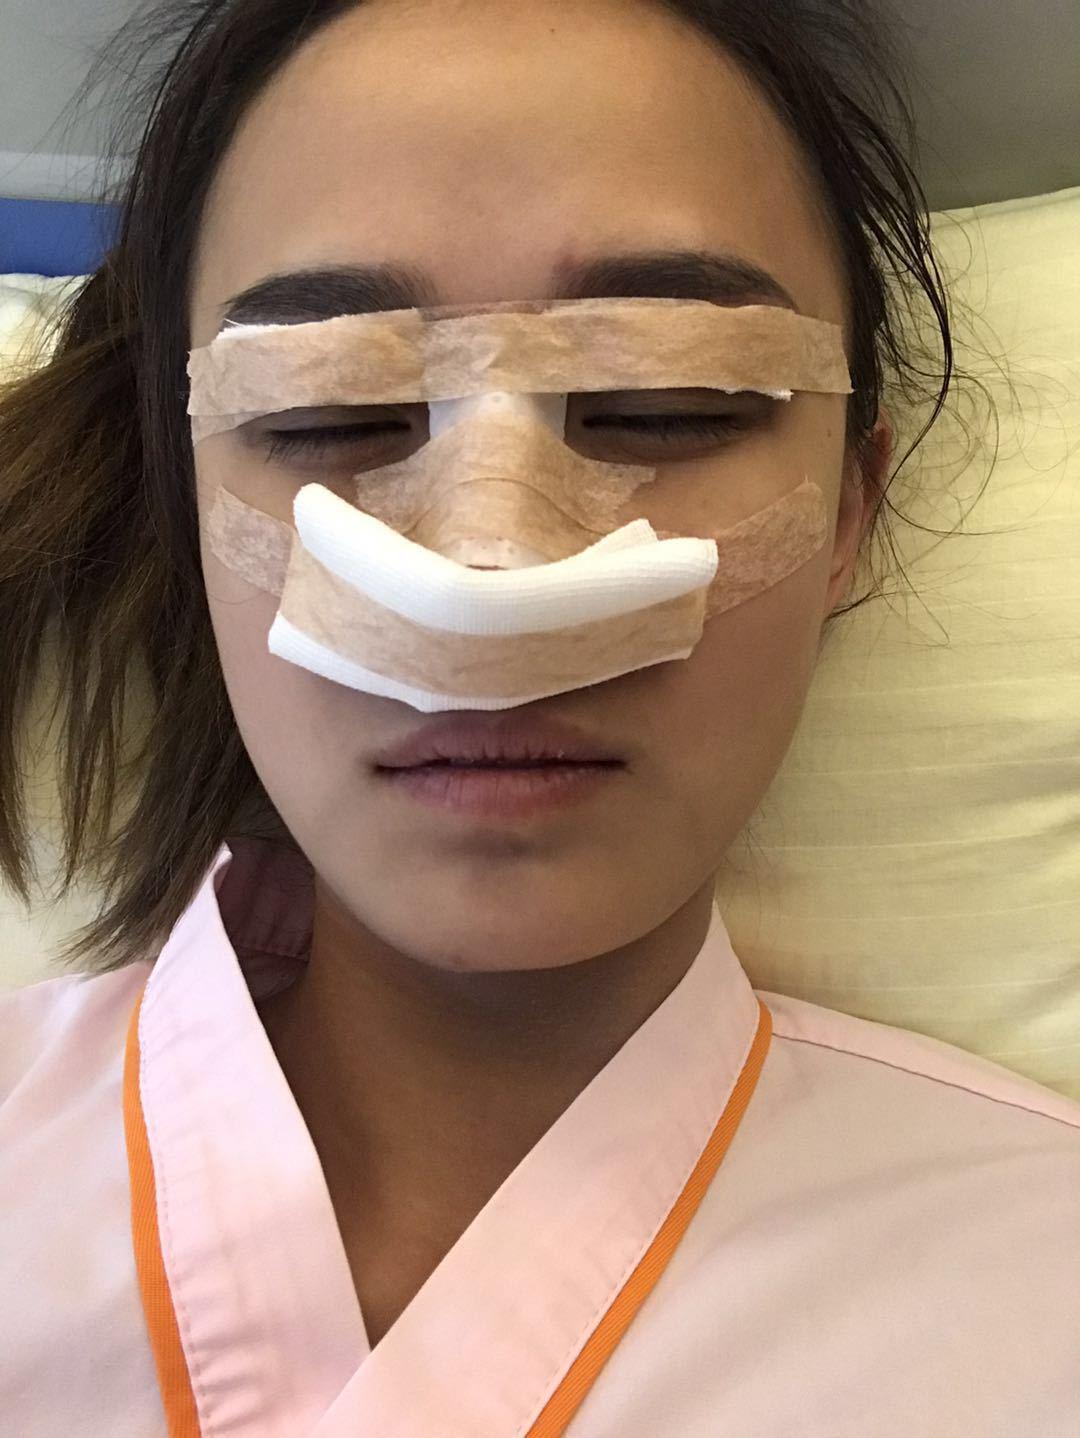 手术开始前我还很紧张。今天我做的是眼睛、鼻子、术后留张照片做纪念吧